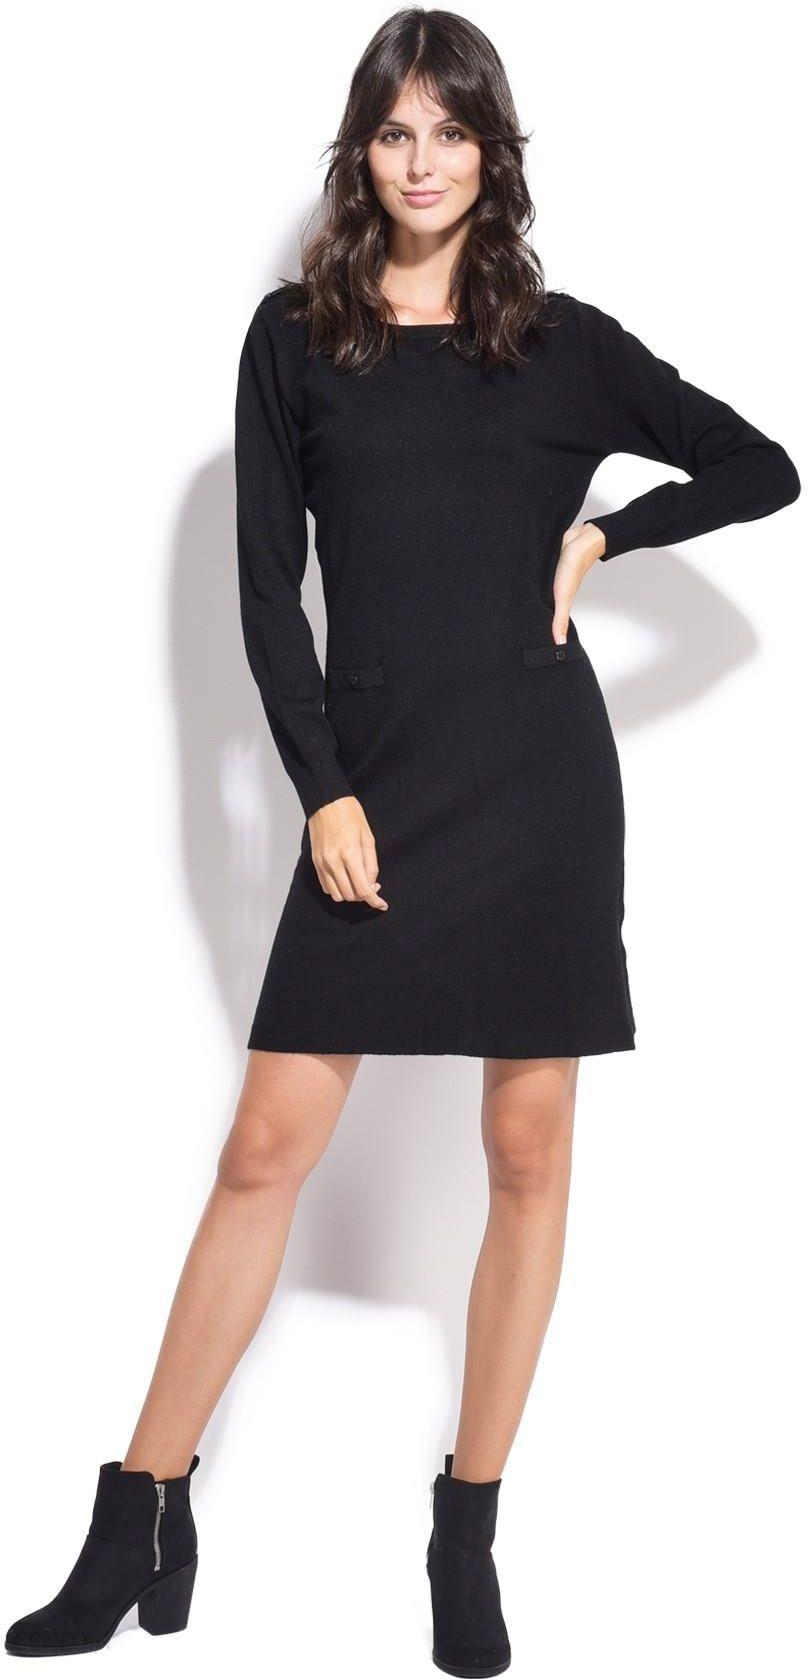 5c27f3483e William de Faye sukienka damska XXL czarny - Ceny i opinie - Ceneo.pl